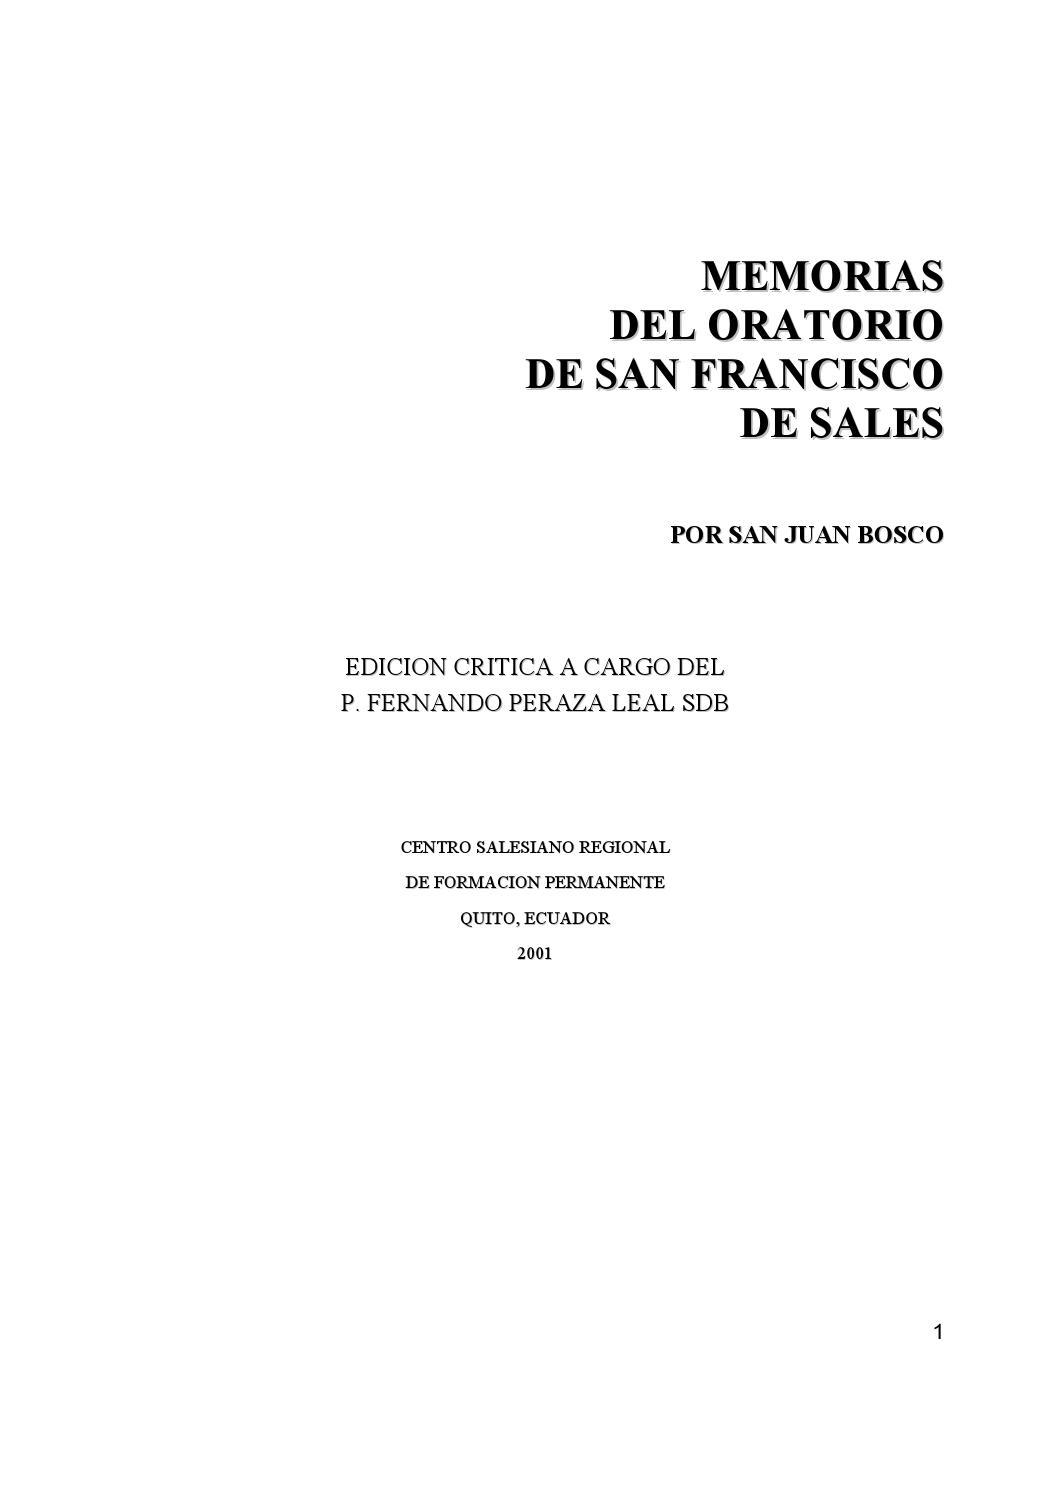 6 4 memorias del oratorio de san francisco de sales by Dr ...